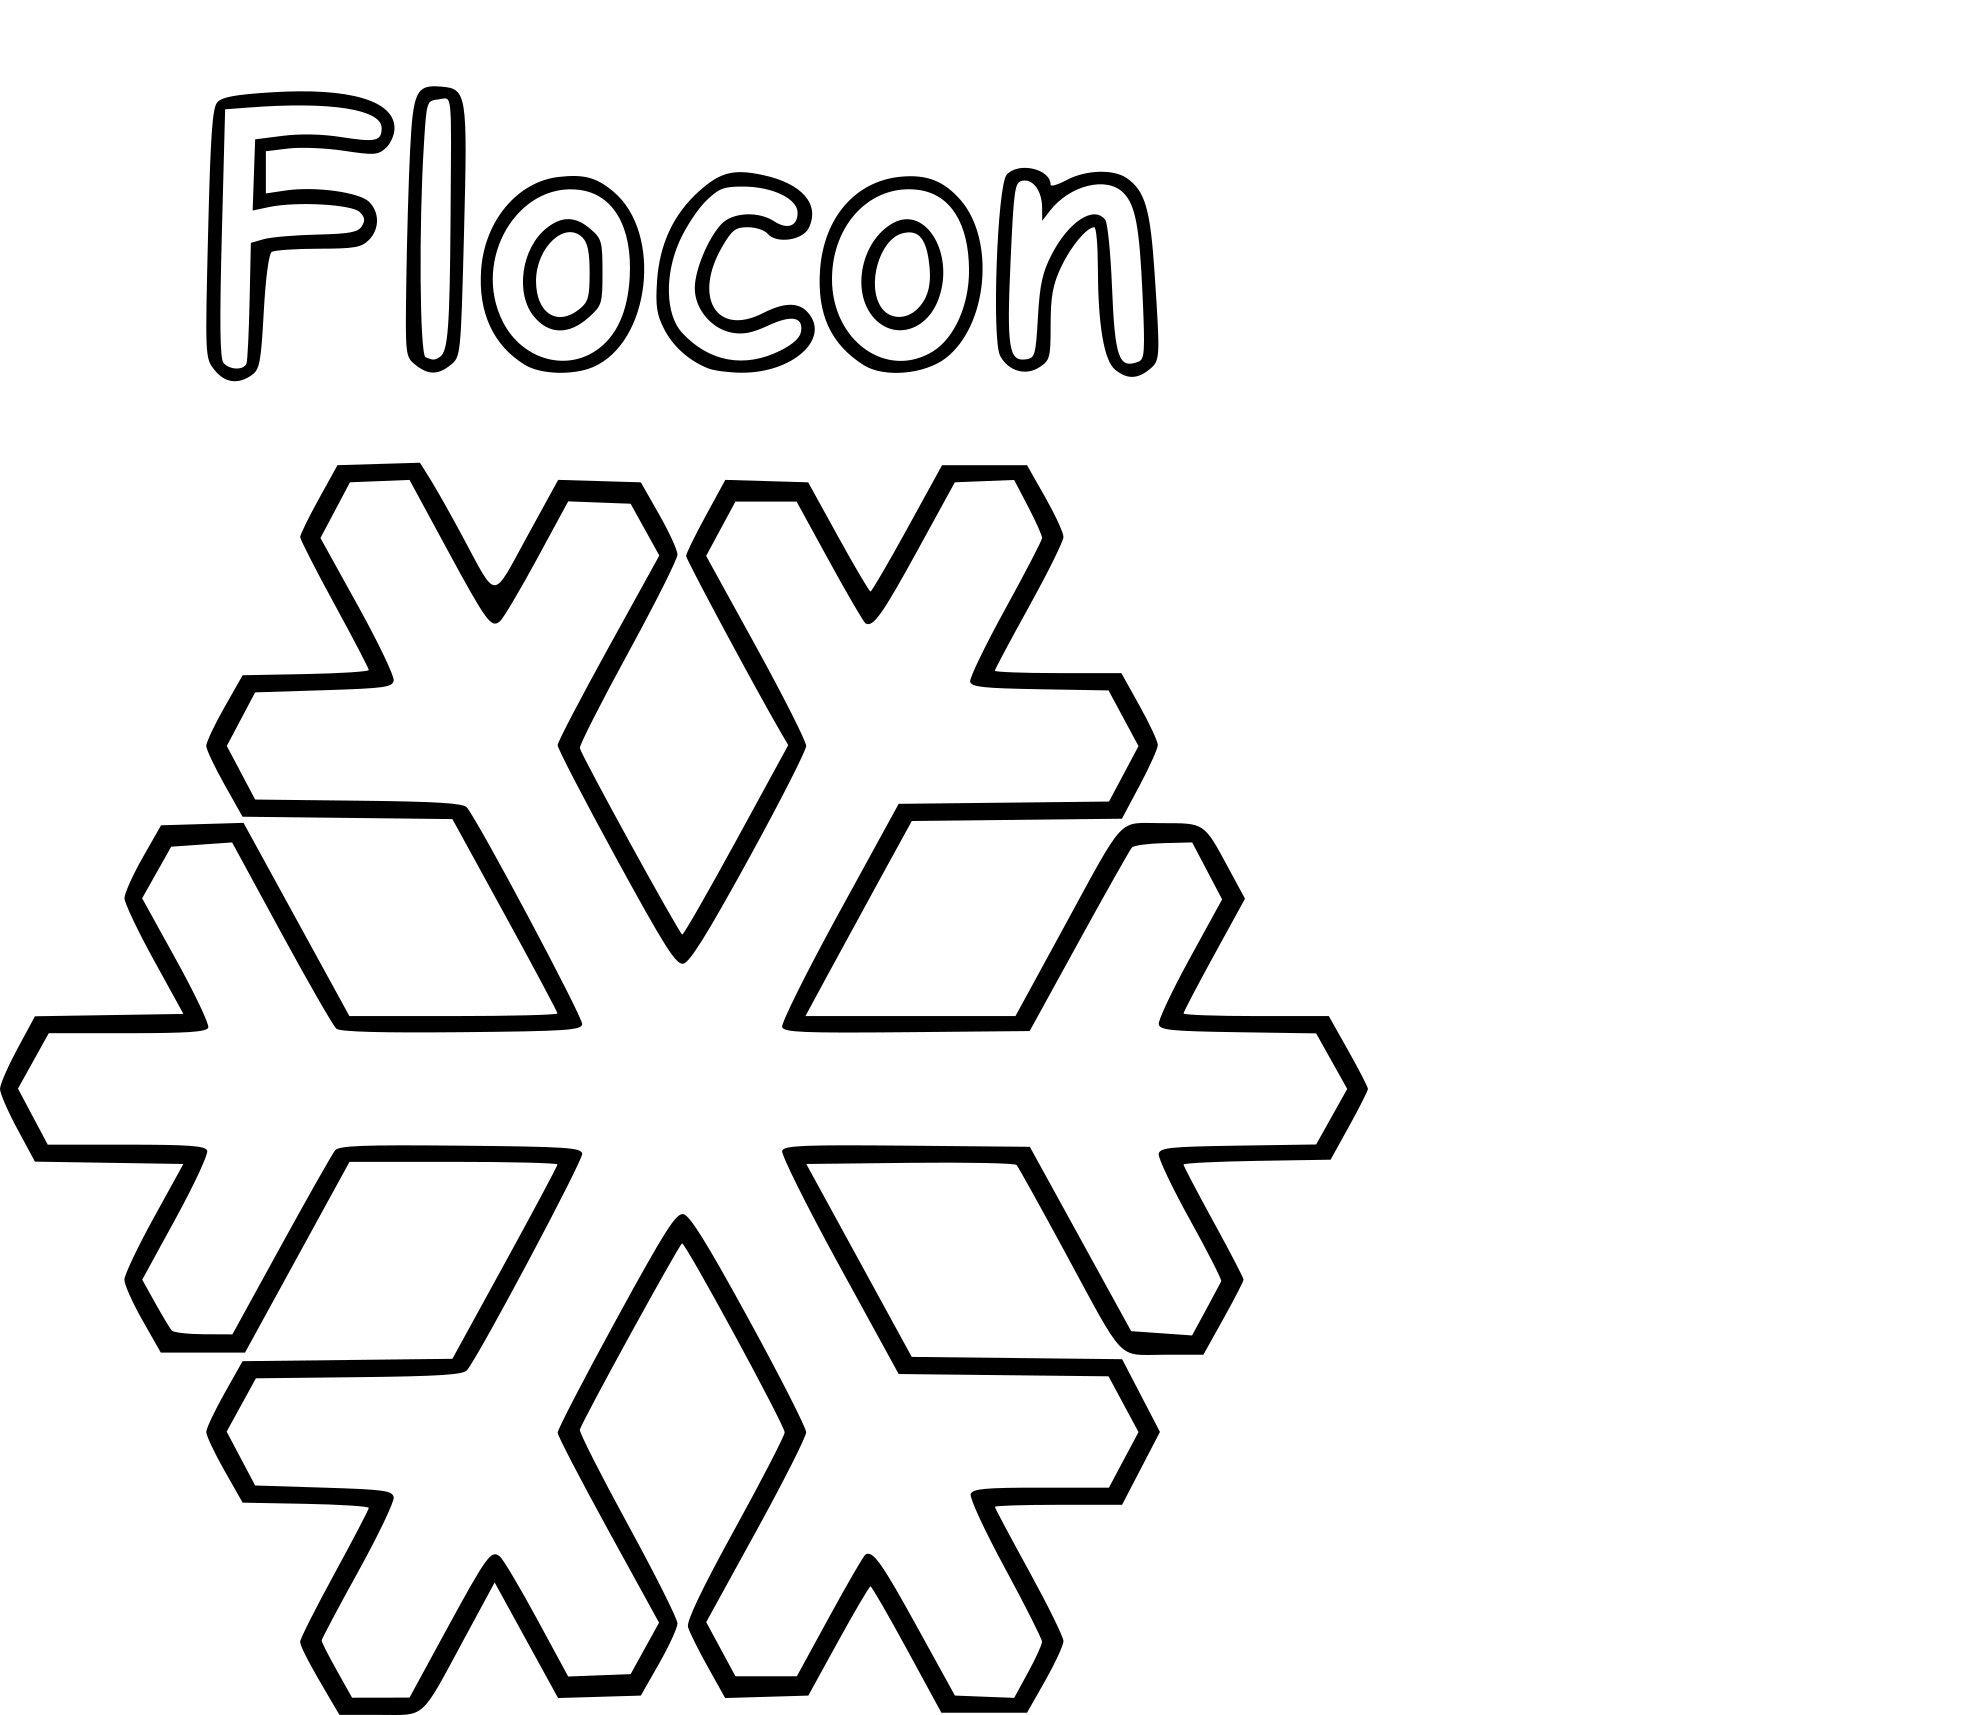 Flocon De Neige À Imprimer - Dessin.site Concernant Flocon à Flocon À Colorier